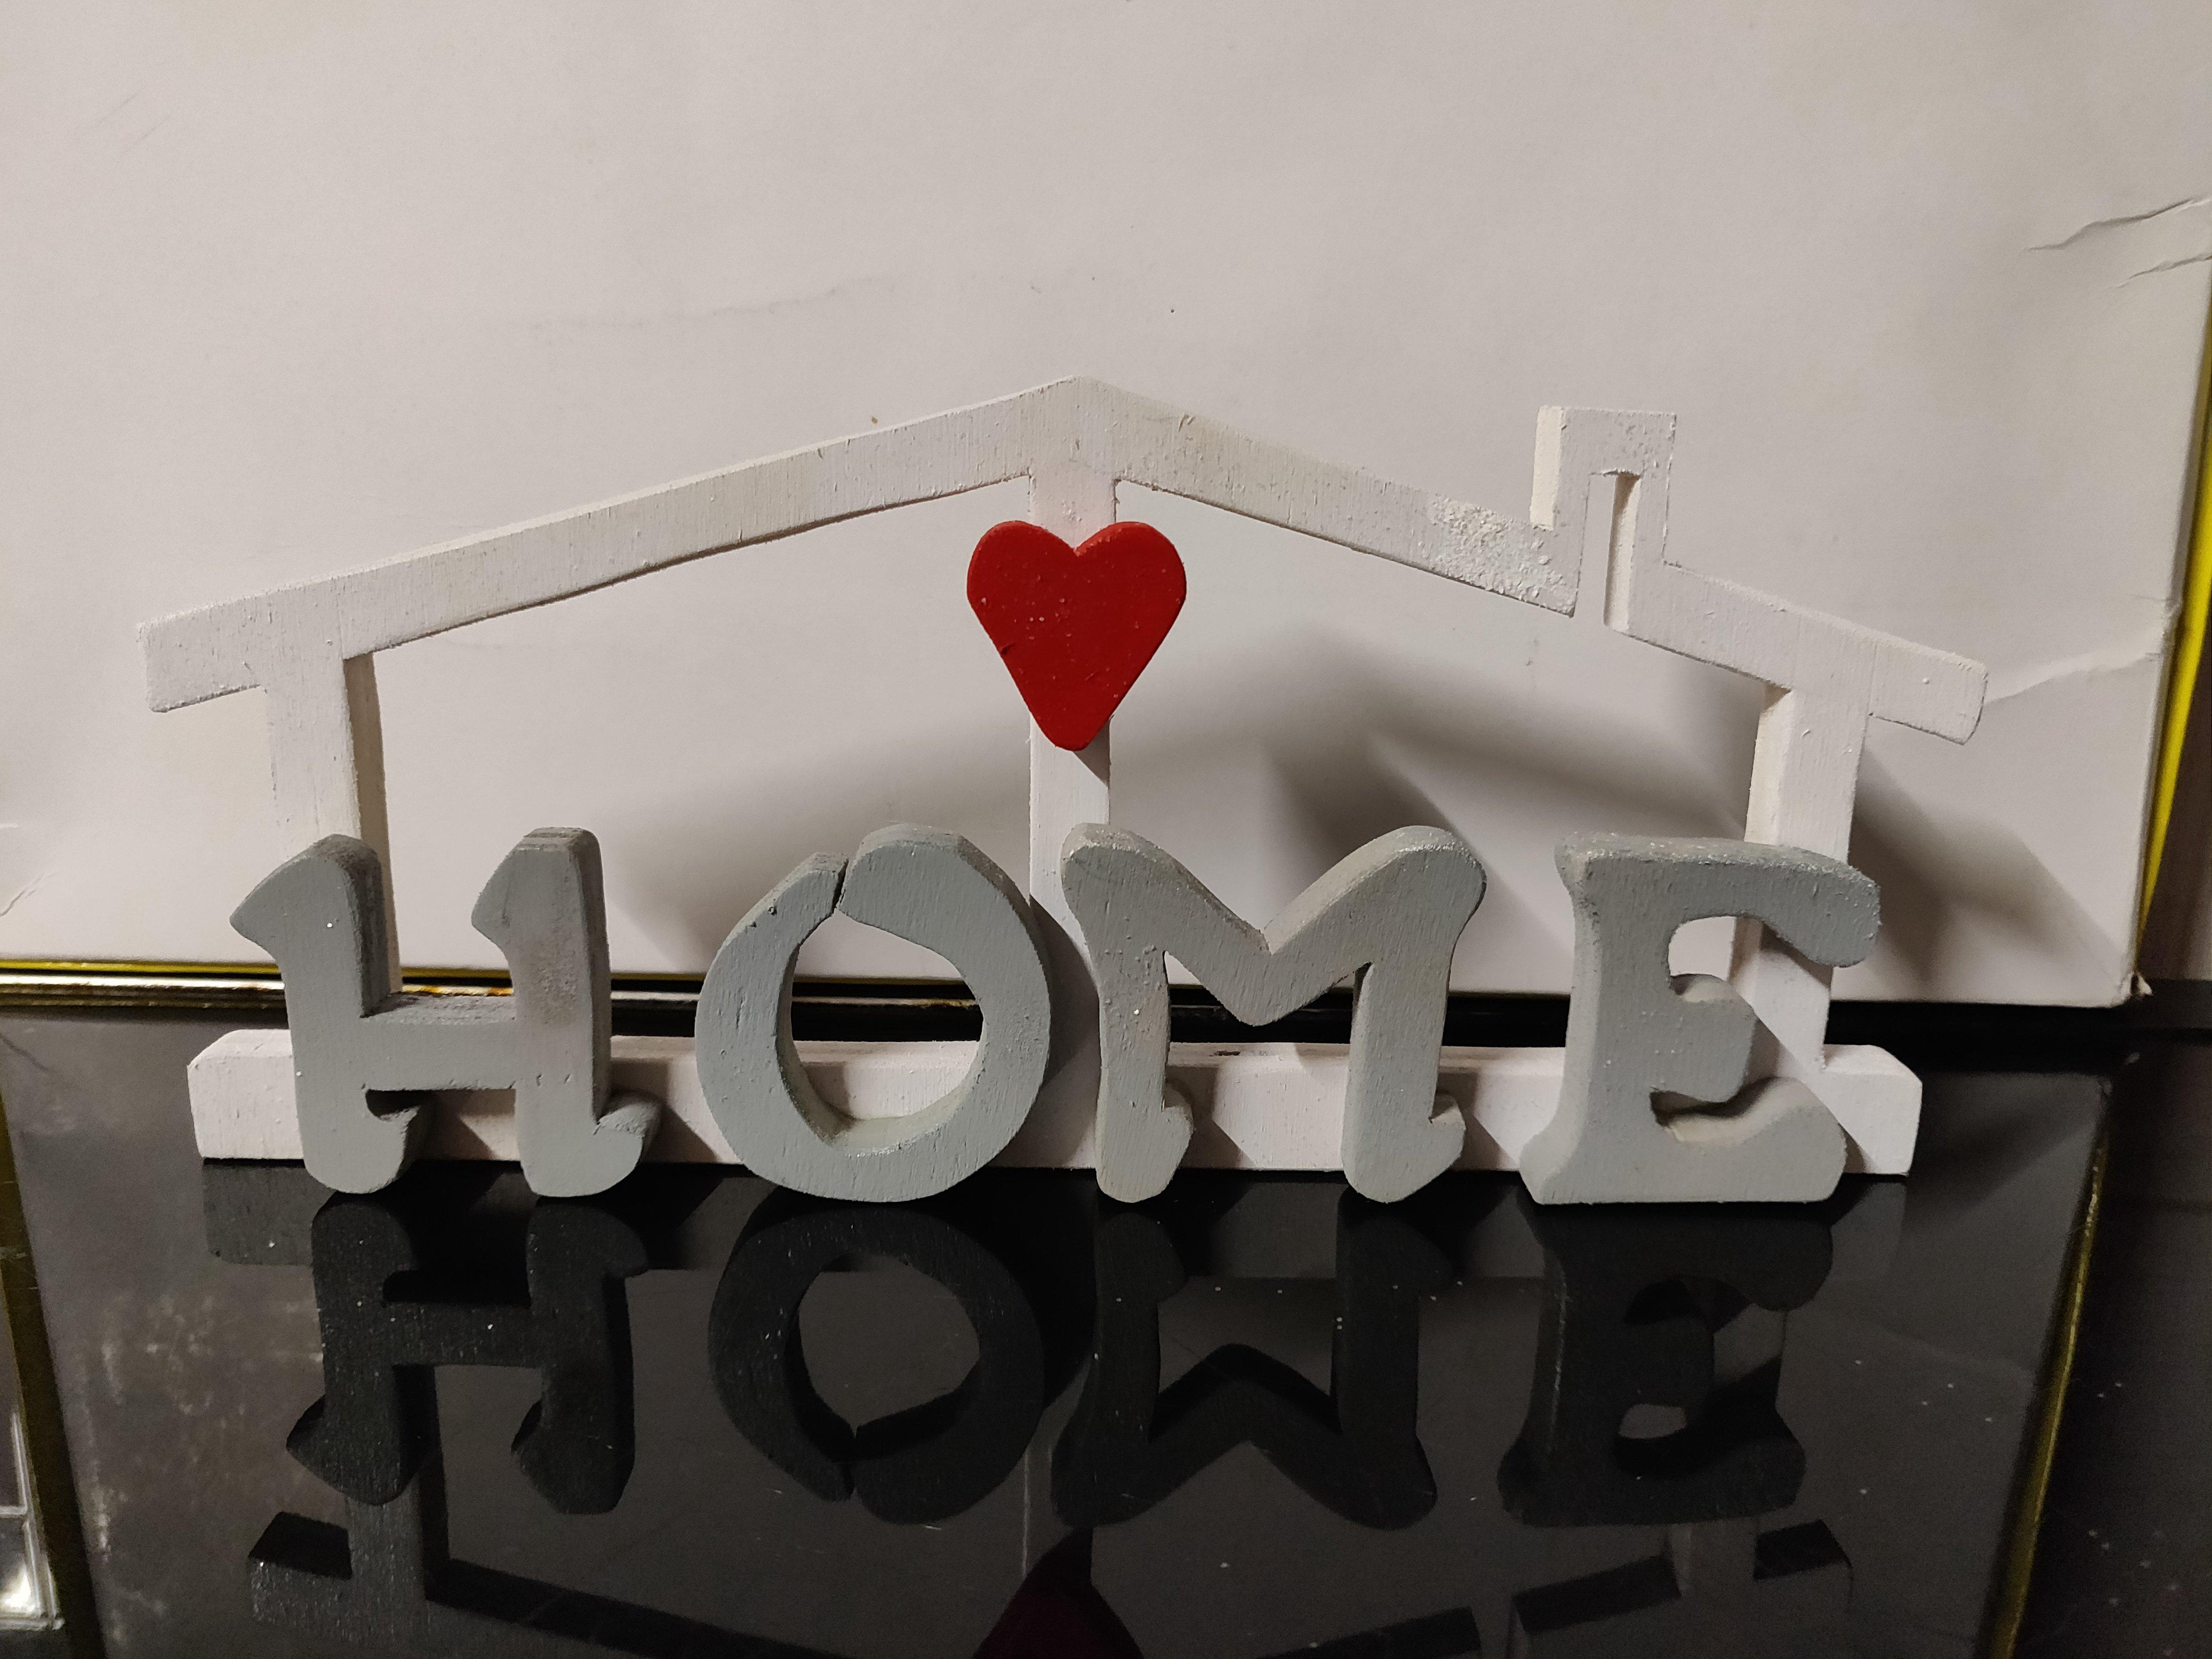 Scritta in legno home realizzata al traforo for Scritta home in legno